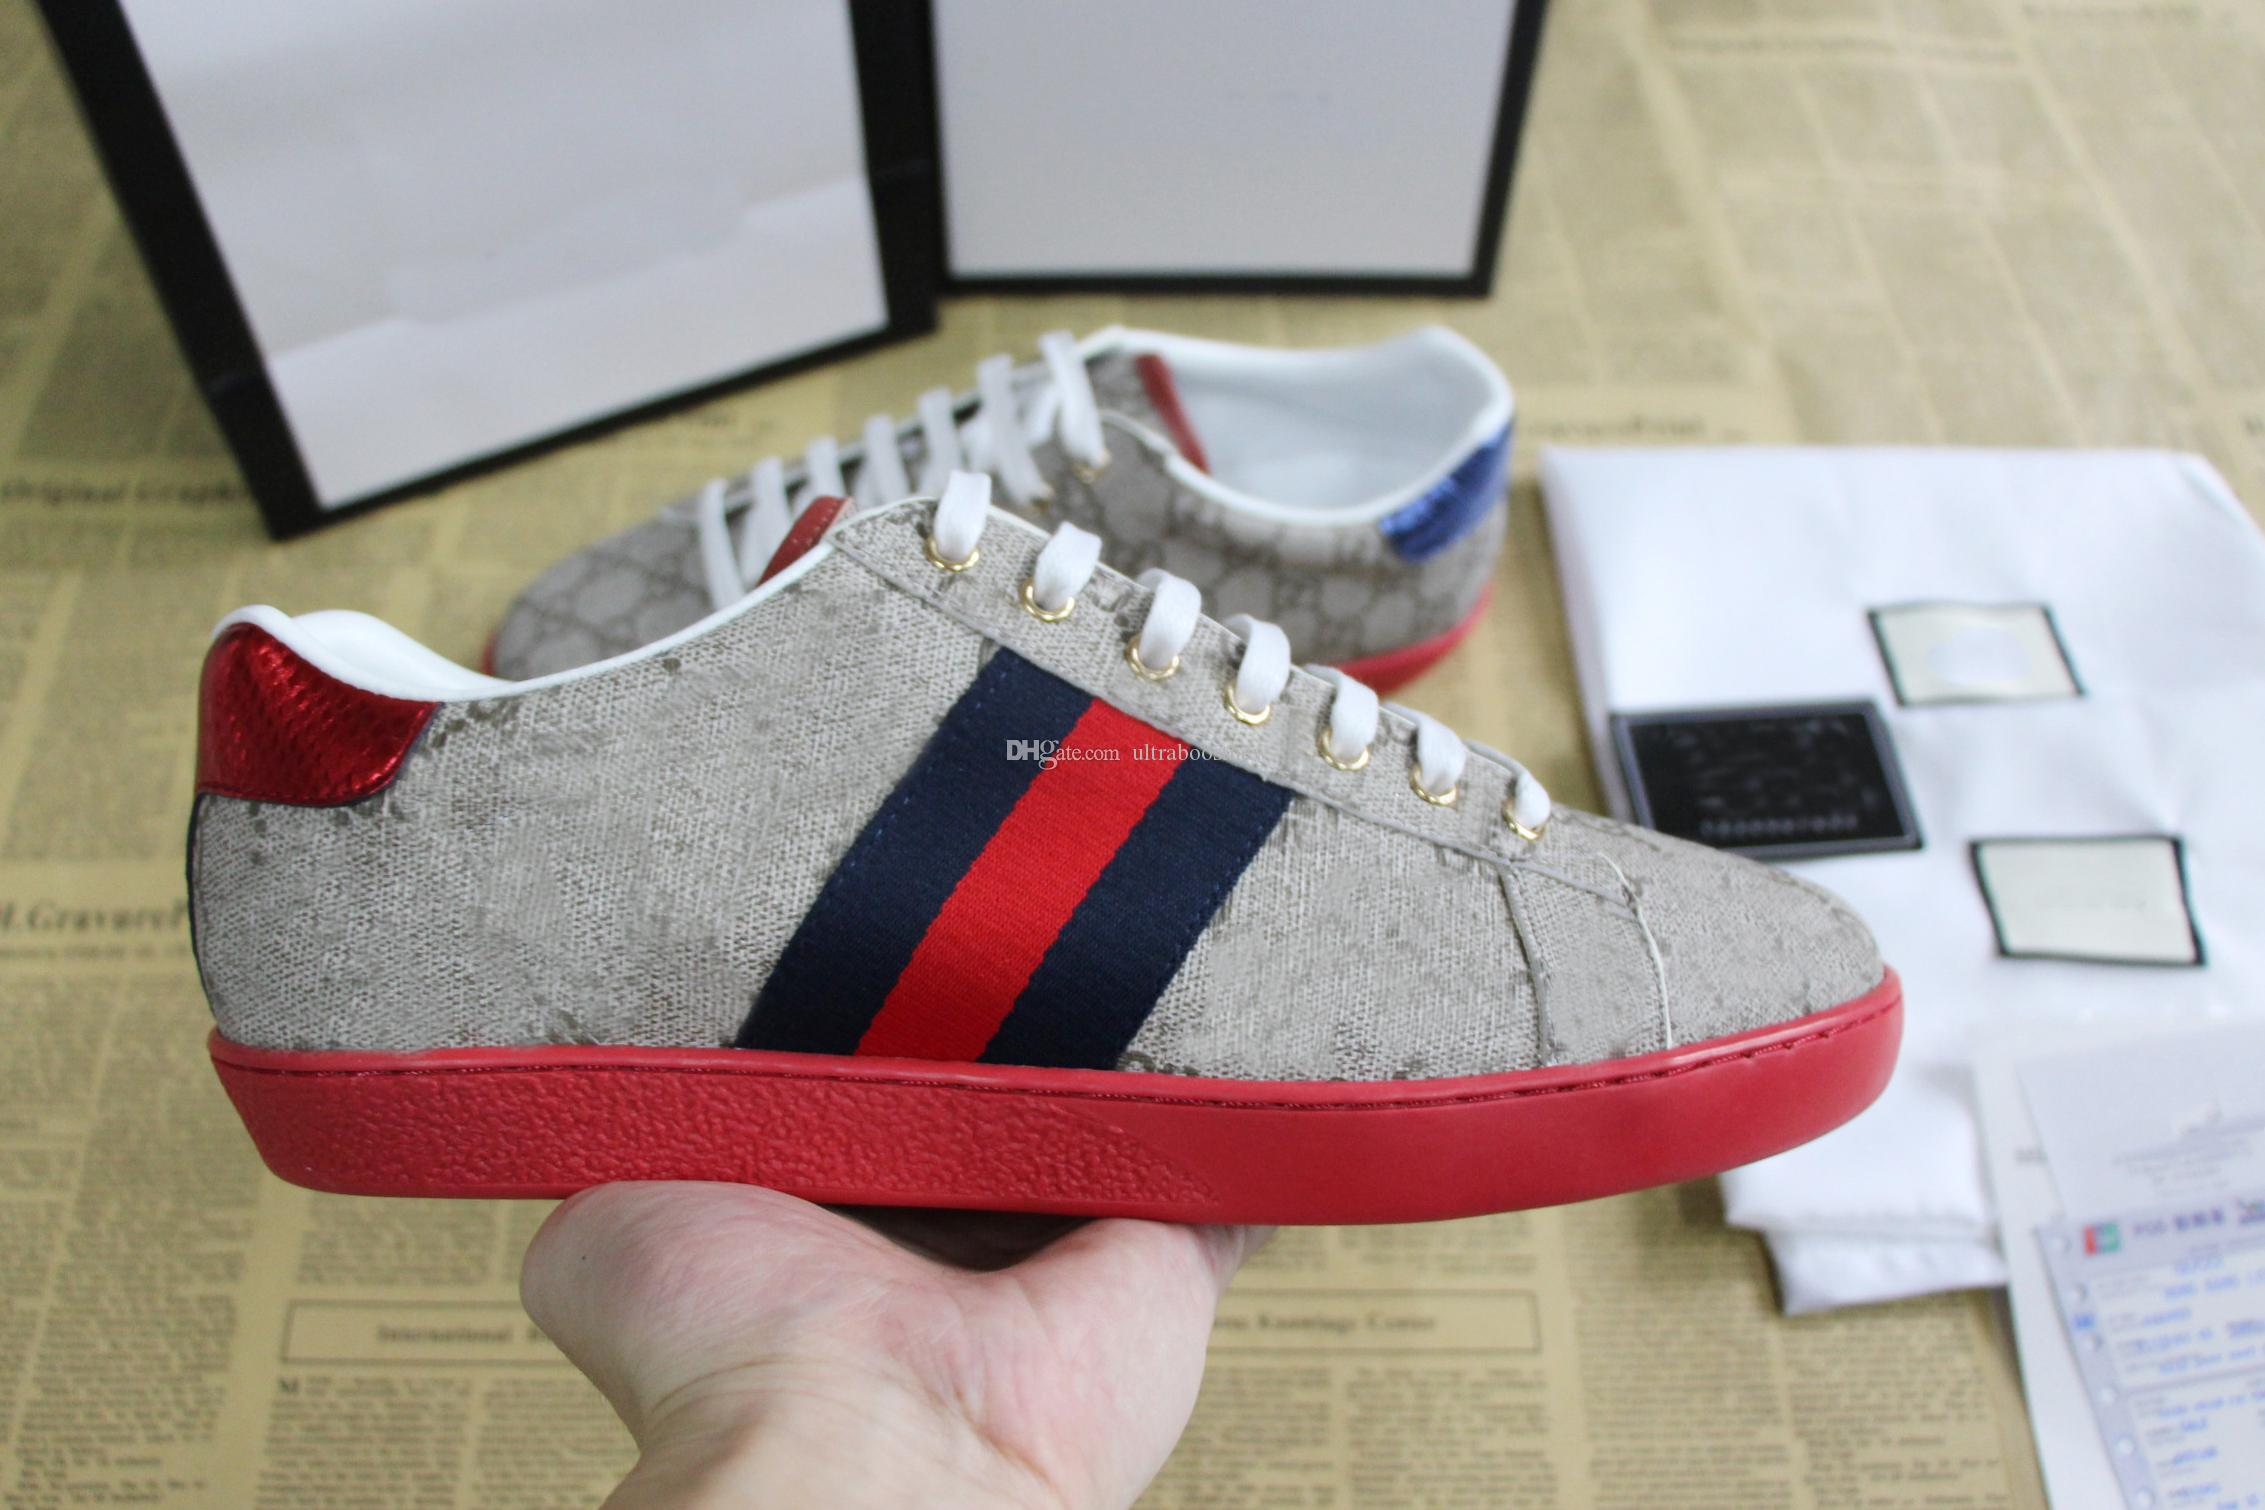 موضة جديدة فاخرة مصمم أحذية ace مع أحمر أسفل حقيقي جلد الرجال النساء عارضة حذاء أخضر أزرق شريط التطريز النحل نمر الأبنوس